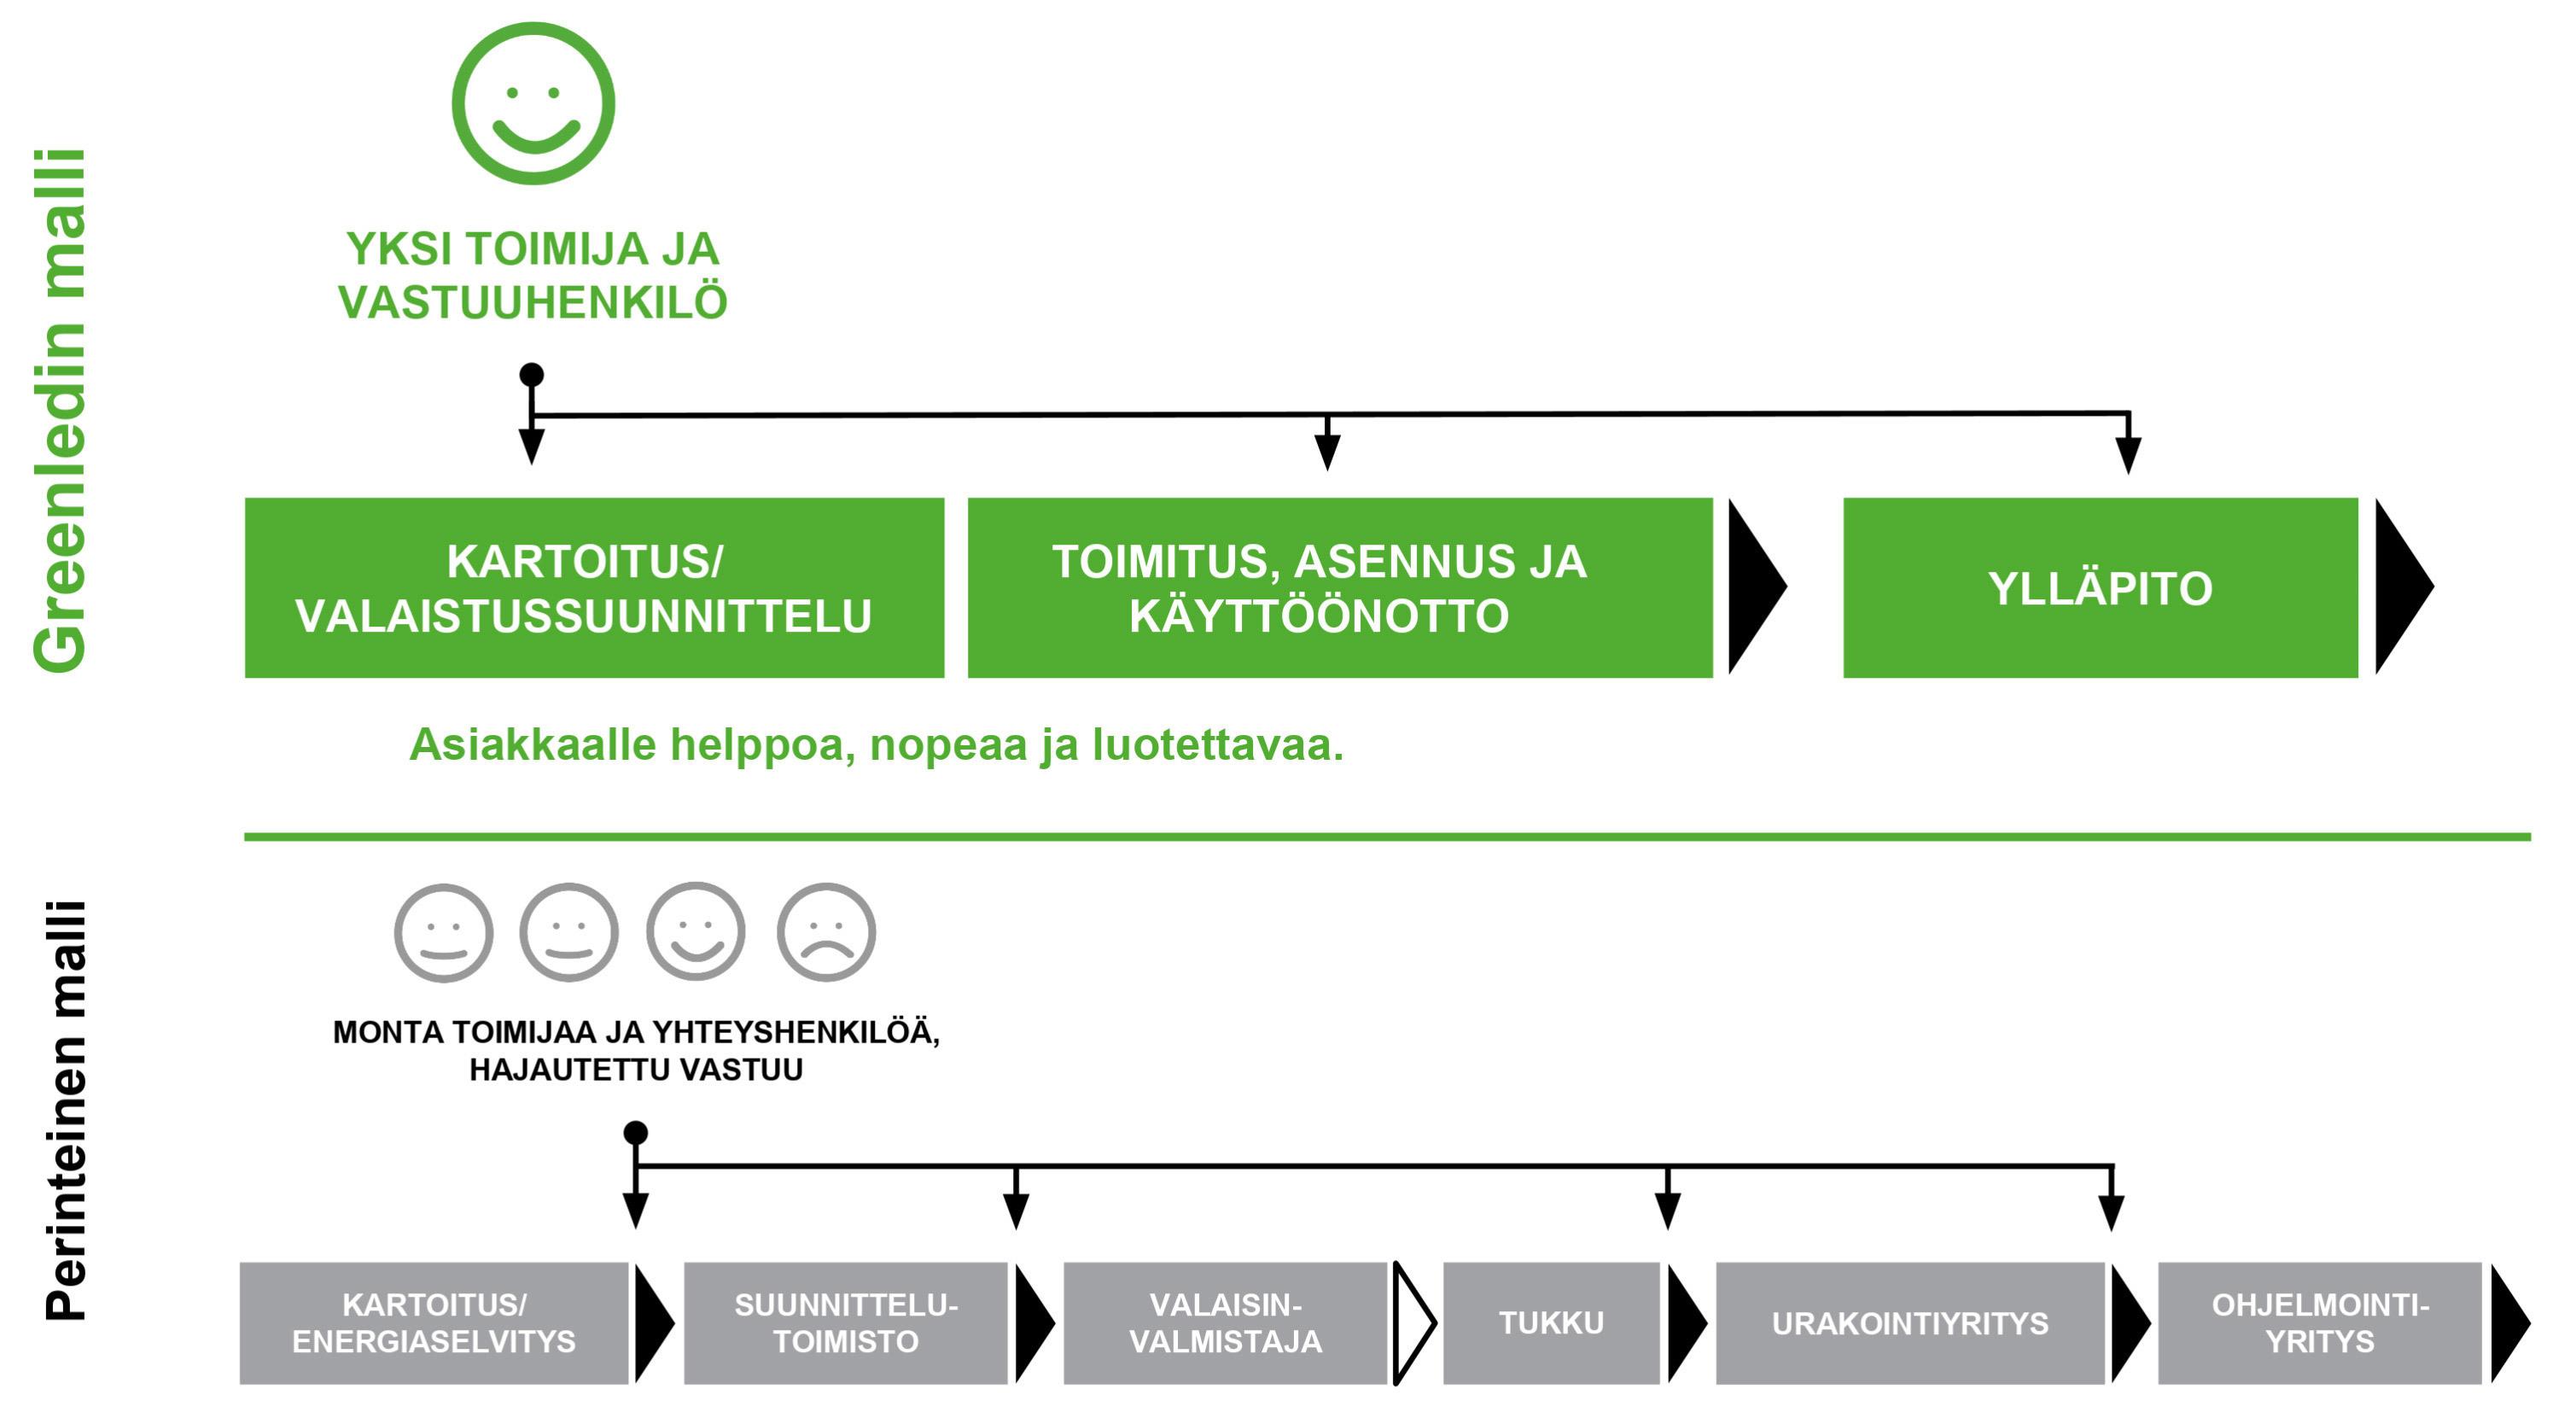 Greenled Greencare palvelumallin vertaus perinteiseen malliin kaaviona